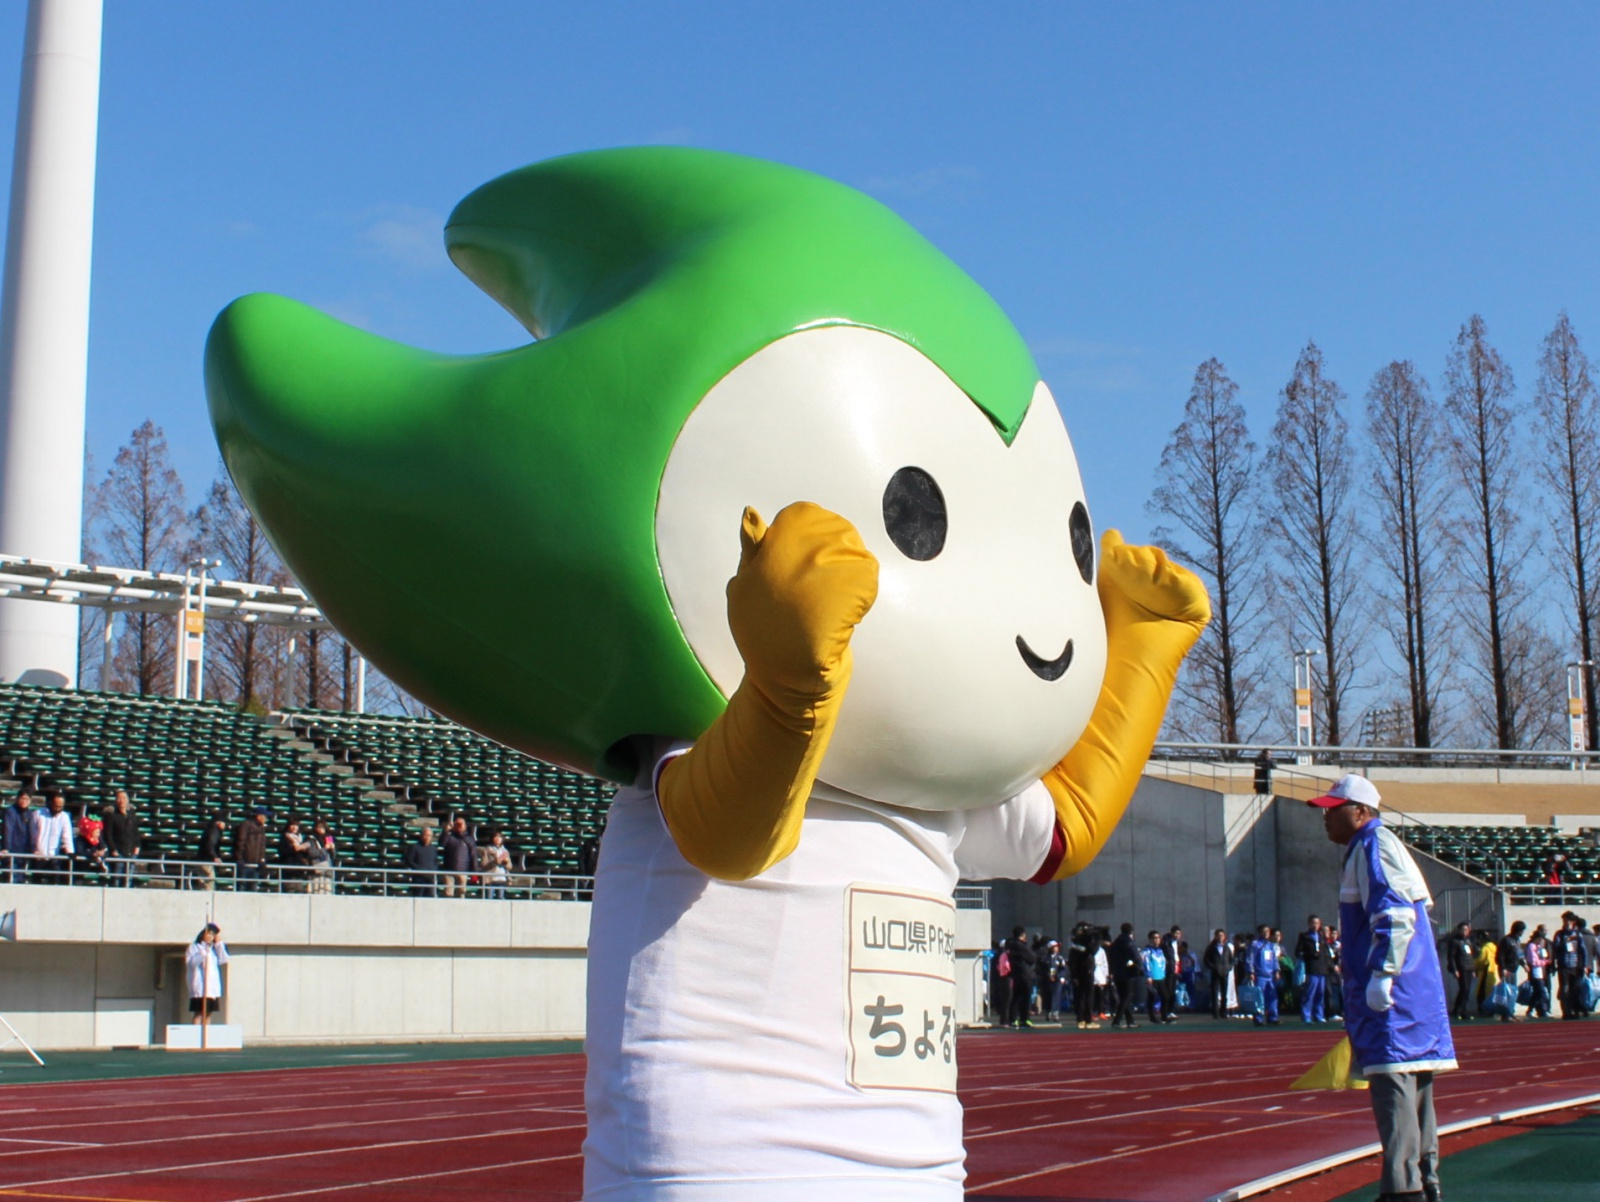 「第47回全日本実業団ハーフマラソン大会」で選手のみんなを応援したよ☆彡